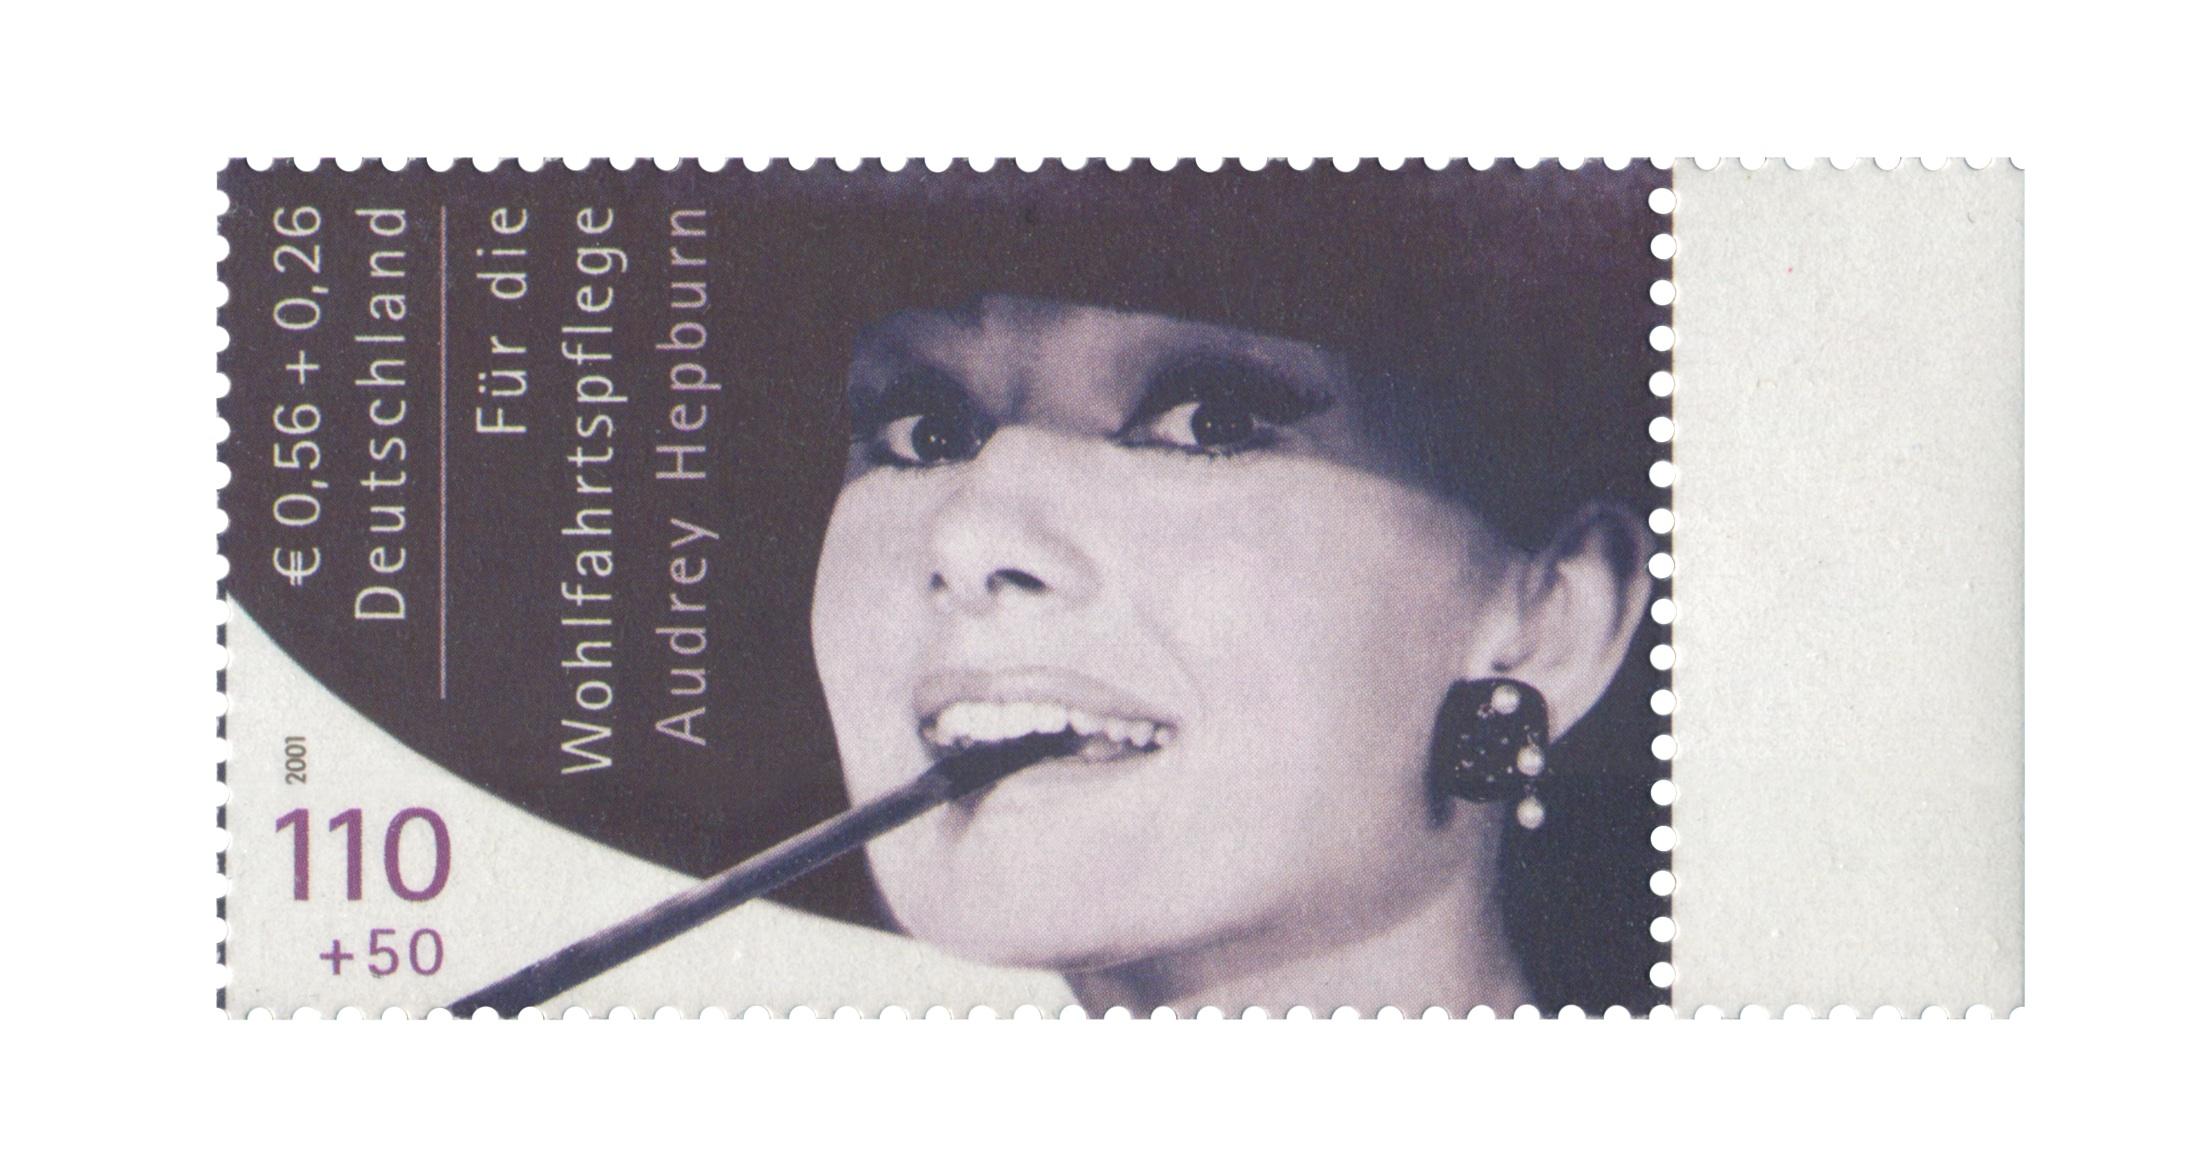 Unverausgabte Hepburn Briefmarke 2001 Der Brd Bei Ebay Für über